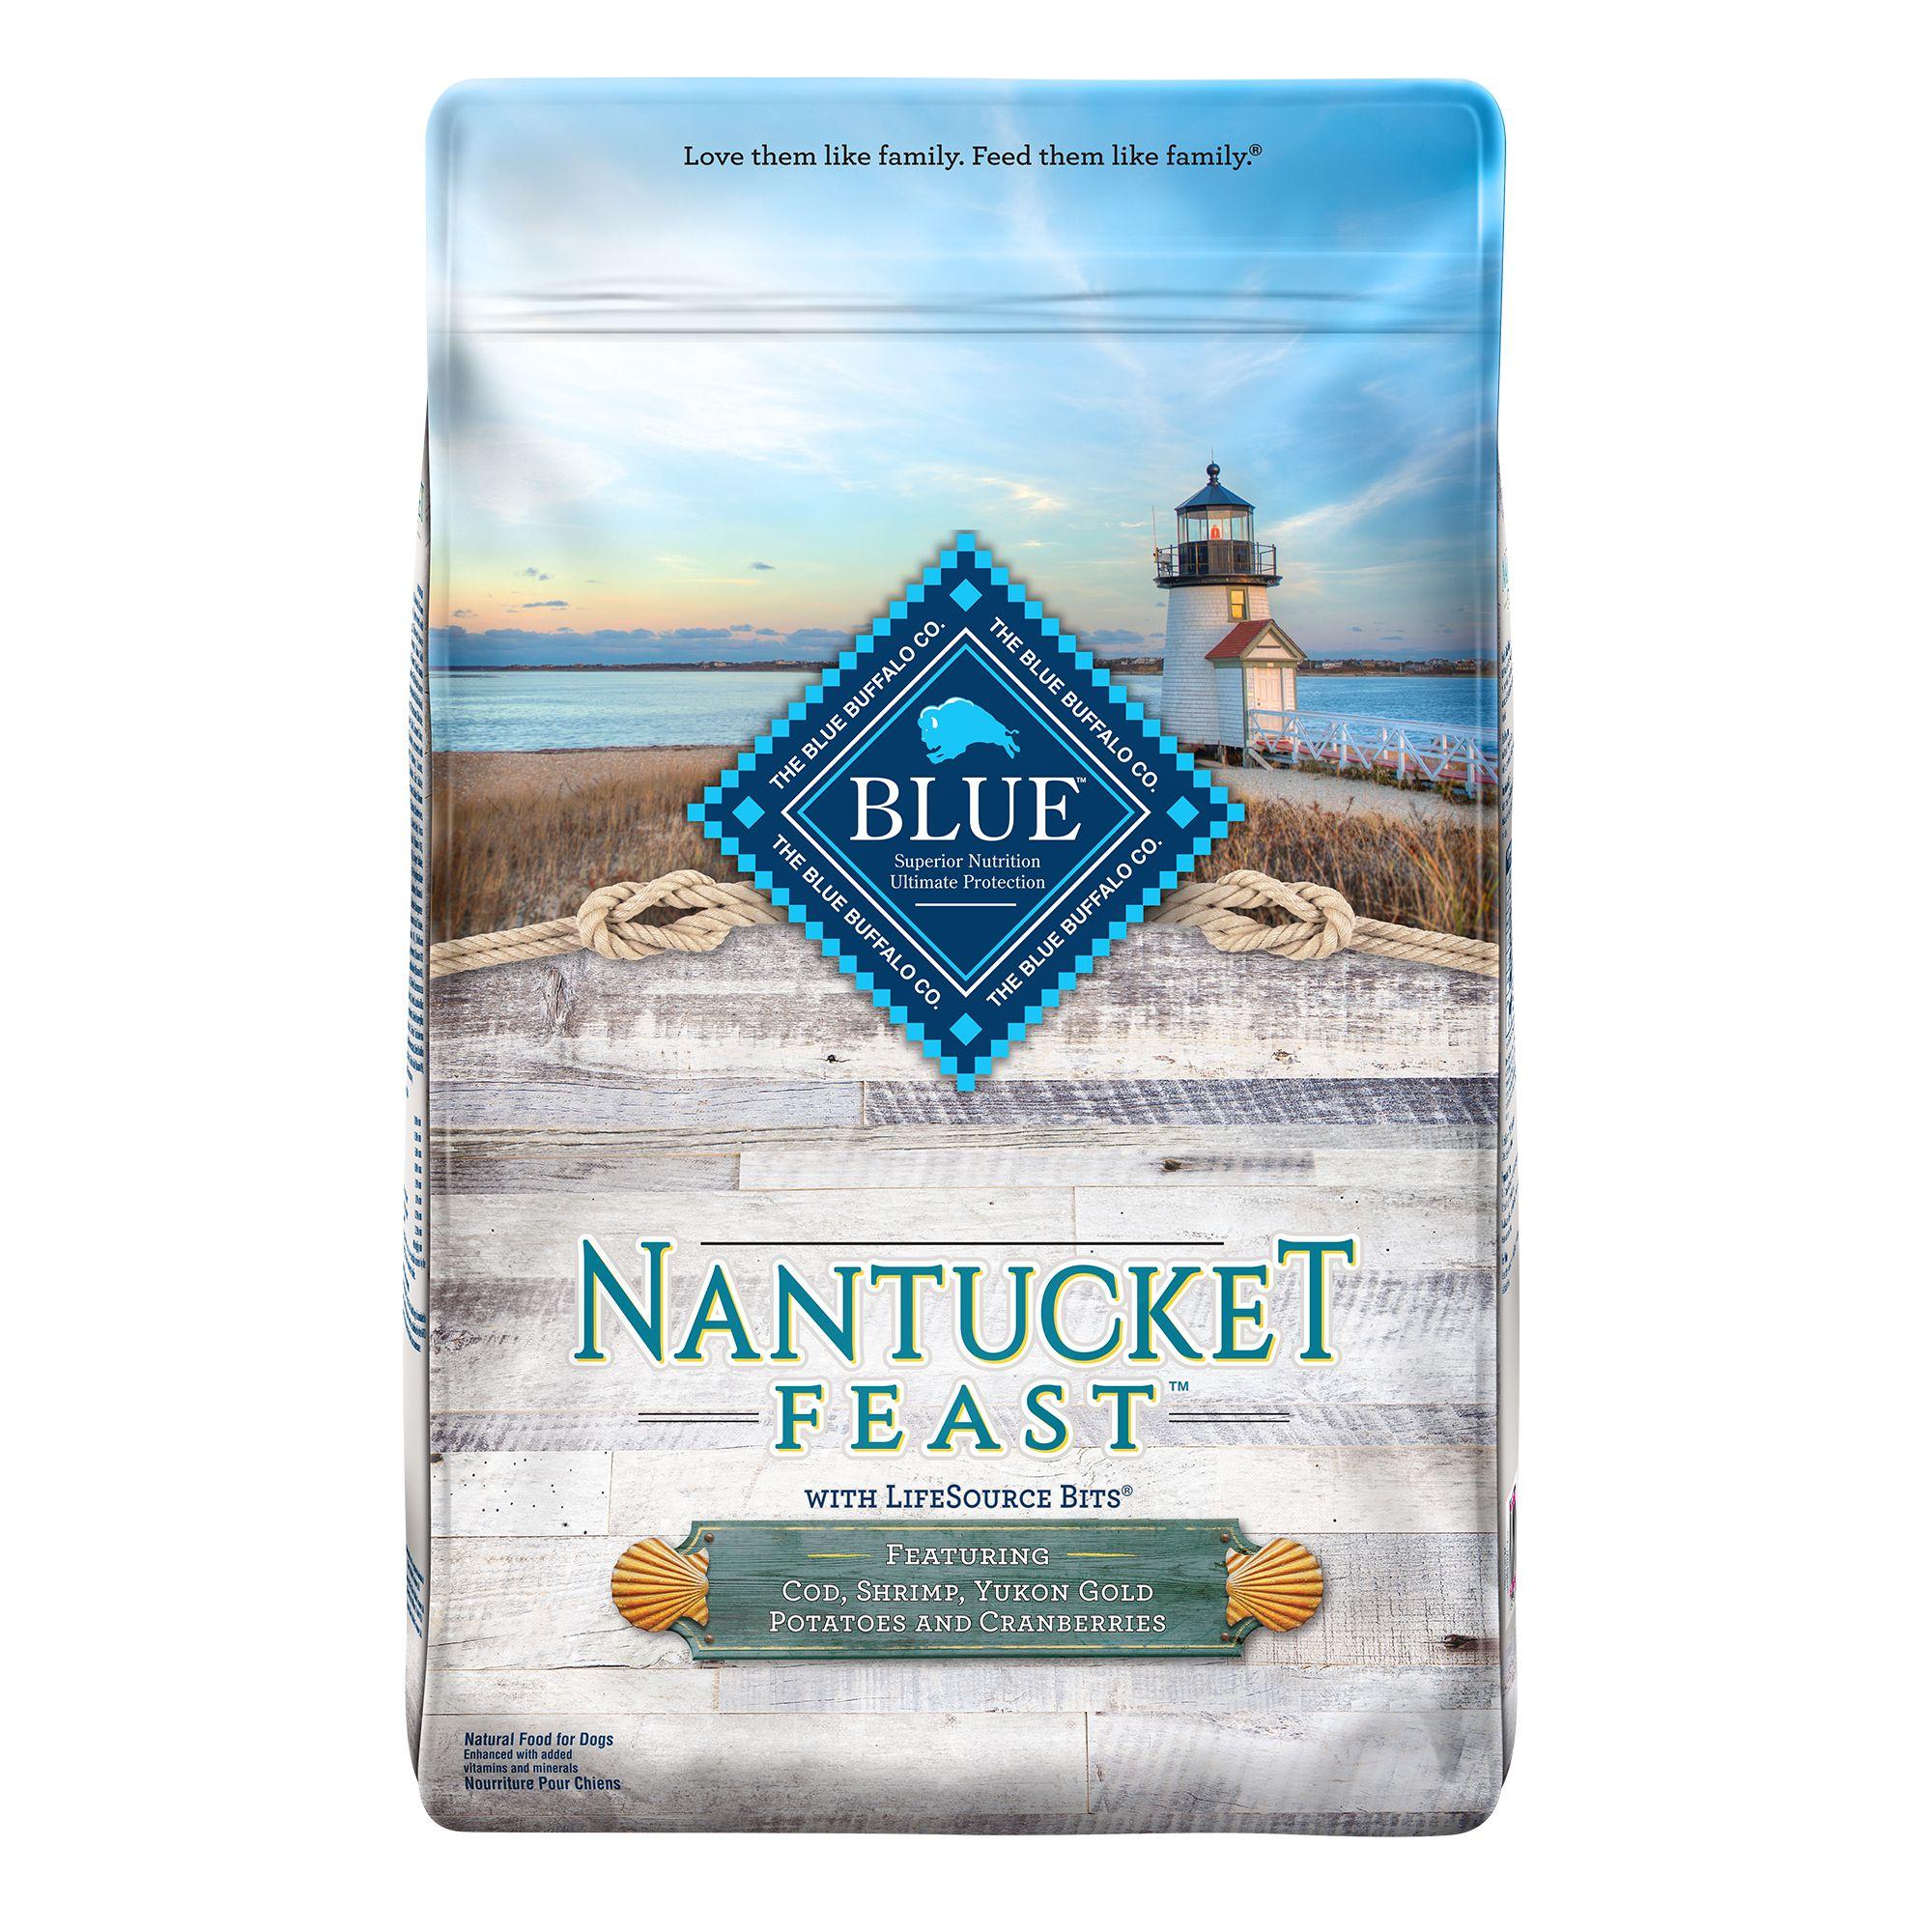 Blue Nantucket Feast Dog Food - Natural, Cod, Shrimp, Potatoes and Cranberries size: 11 Lb, Blue Buffalo, Cod, Shrimp, Yukon Gold Potatoes and Cranberries, Adult, Deboned Cod Fish 5268958